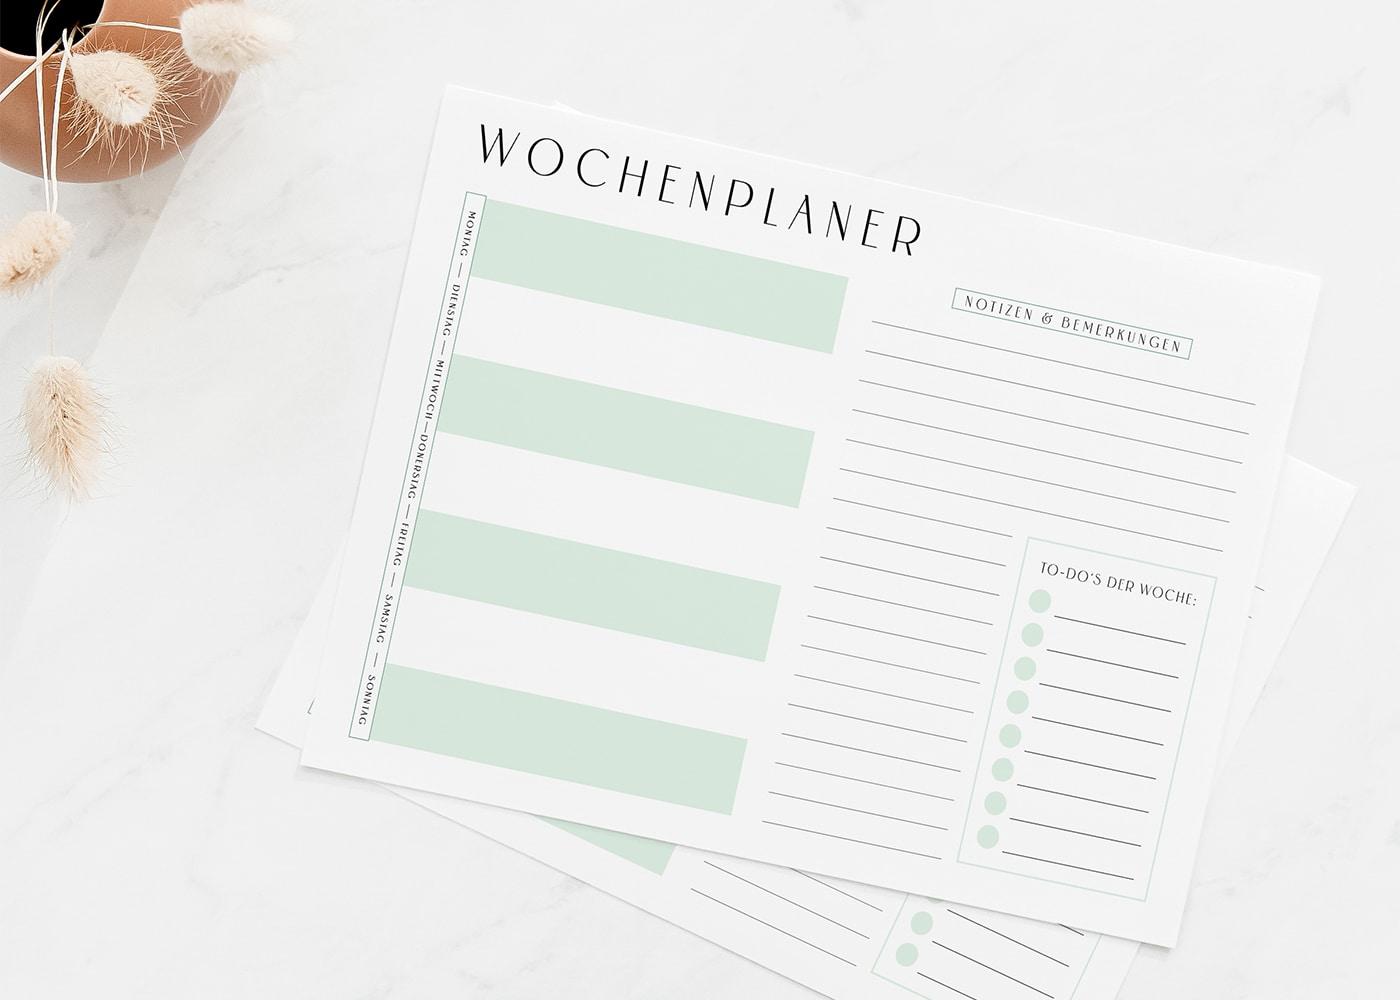 Wochenplan_Vorlage_zum_Ausdrucken_minimalistisch_minimal_Green_Swomolemo